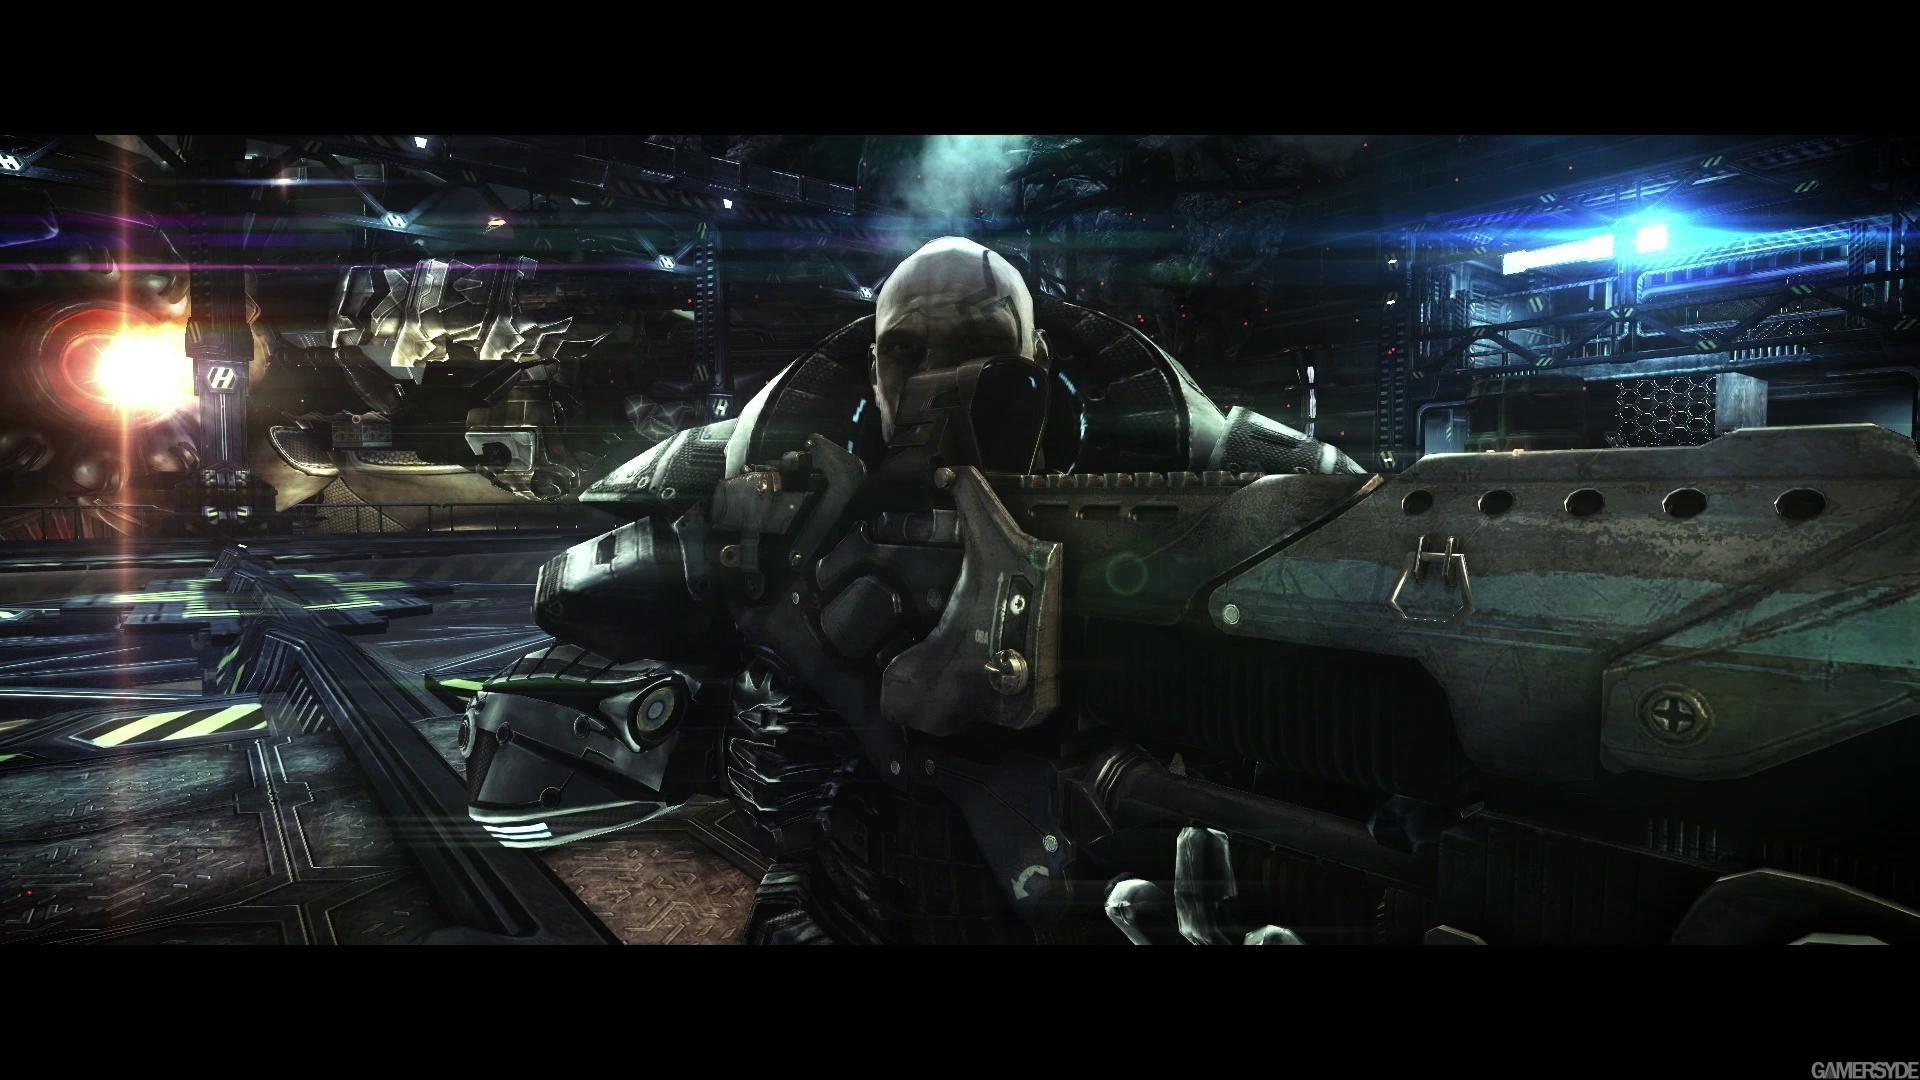 ALIEN RAGE sci fi warrior weapon f wallpaper 1920x1080 166797 1920x1080